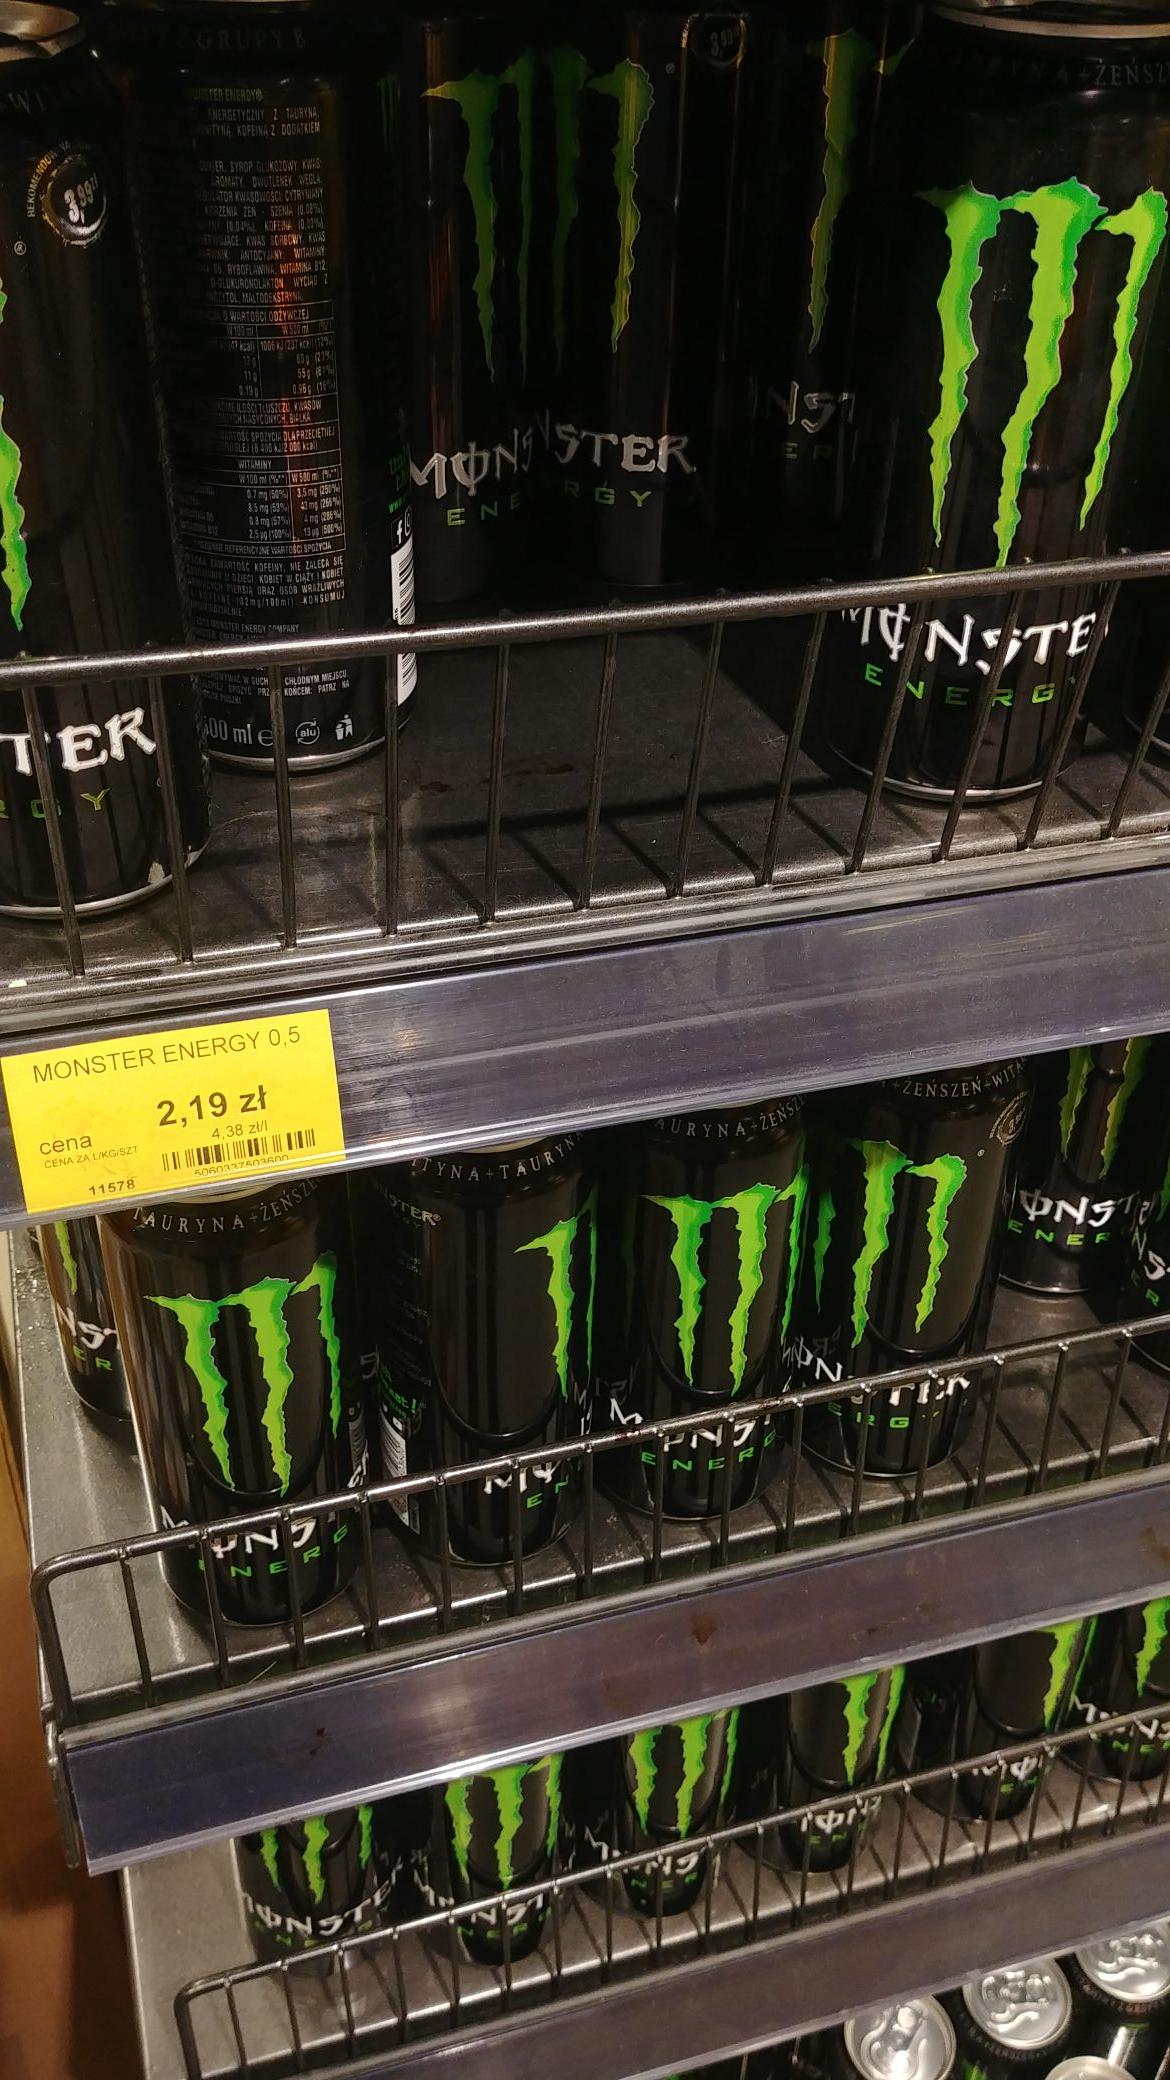 Monster Energy za 2.19 w Lewiatanie Łódź